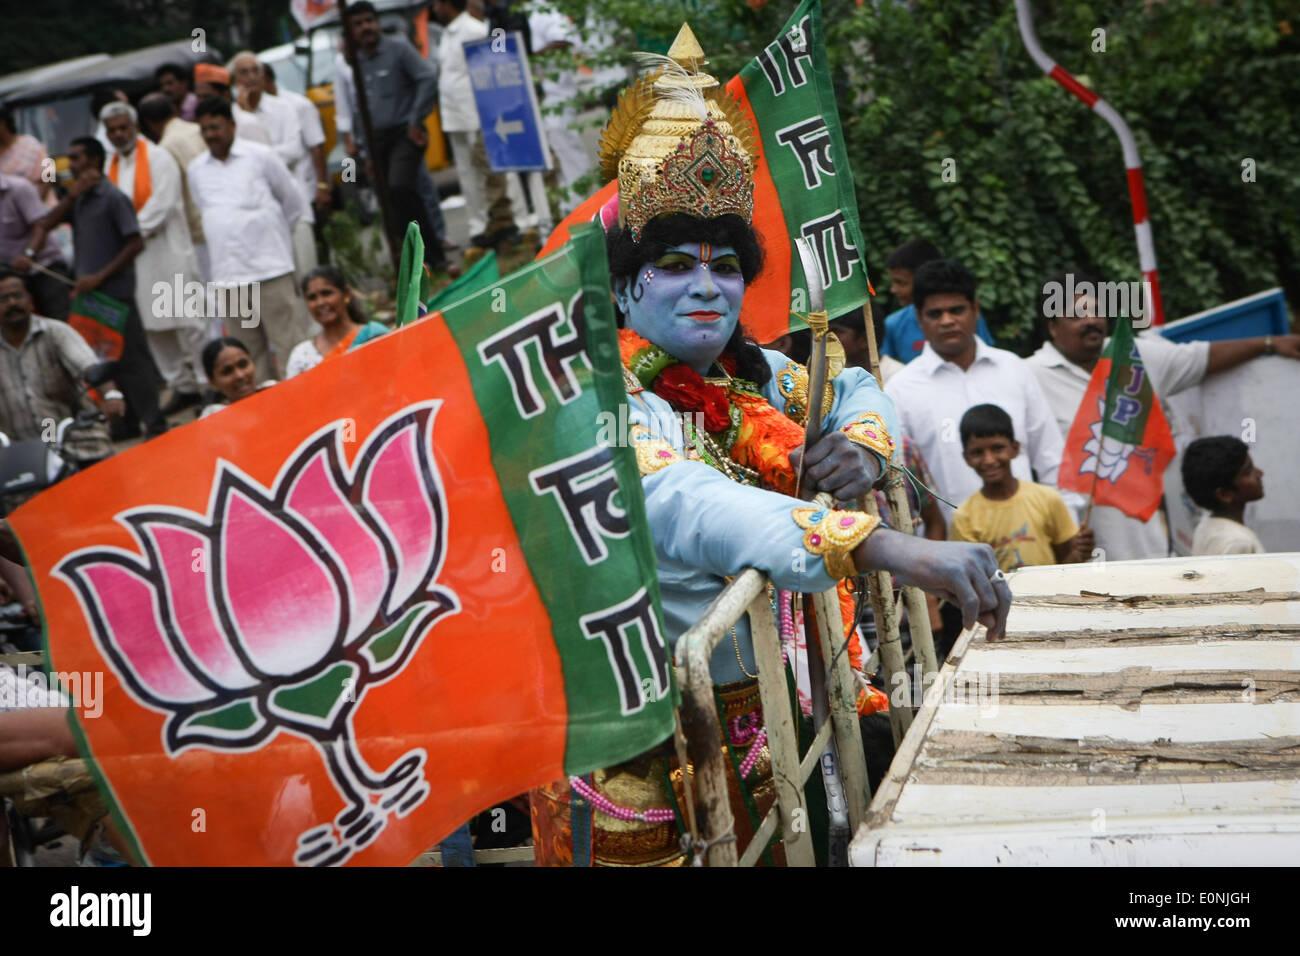 (140517) -- Visakhapatnam, 17 de mayo de 2014 (Xinhua) -- un simpatizante de la India la principal oposición Bharatiya Janata Party (BJP) asiste a un desfile de Andra Pradesh en Visakhapatnam, India, 17 de mayo de 2014. El BJP Viernes creado historia al ganar las elecciones generales por un alud, el más resonante victoria por cualquiera de las partes en los últimos 30 años, diezmando la dinastía Nehru-Gandhi led del gobernante Partido del Congreso. (Xinhua/Zheng Huansong) Imagen De Stock